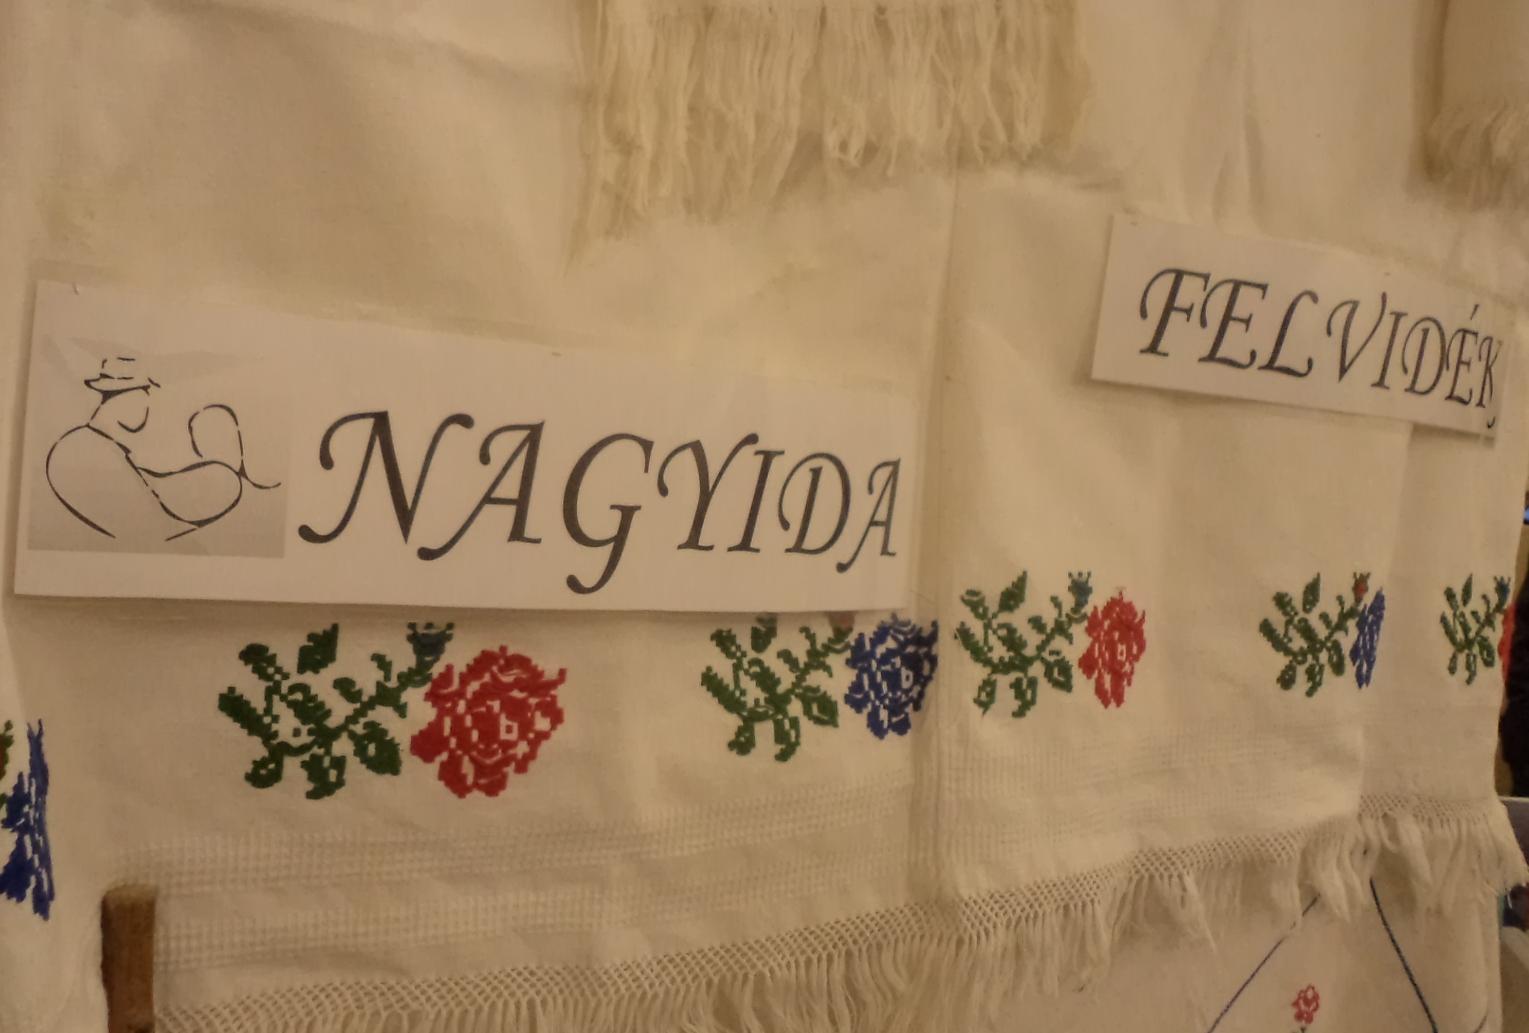 A szórványt a Felvidékről Nagyida képviselte